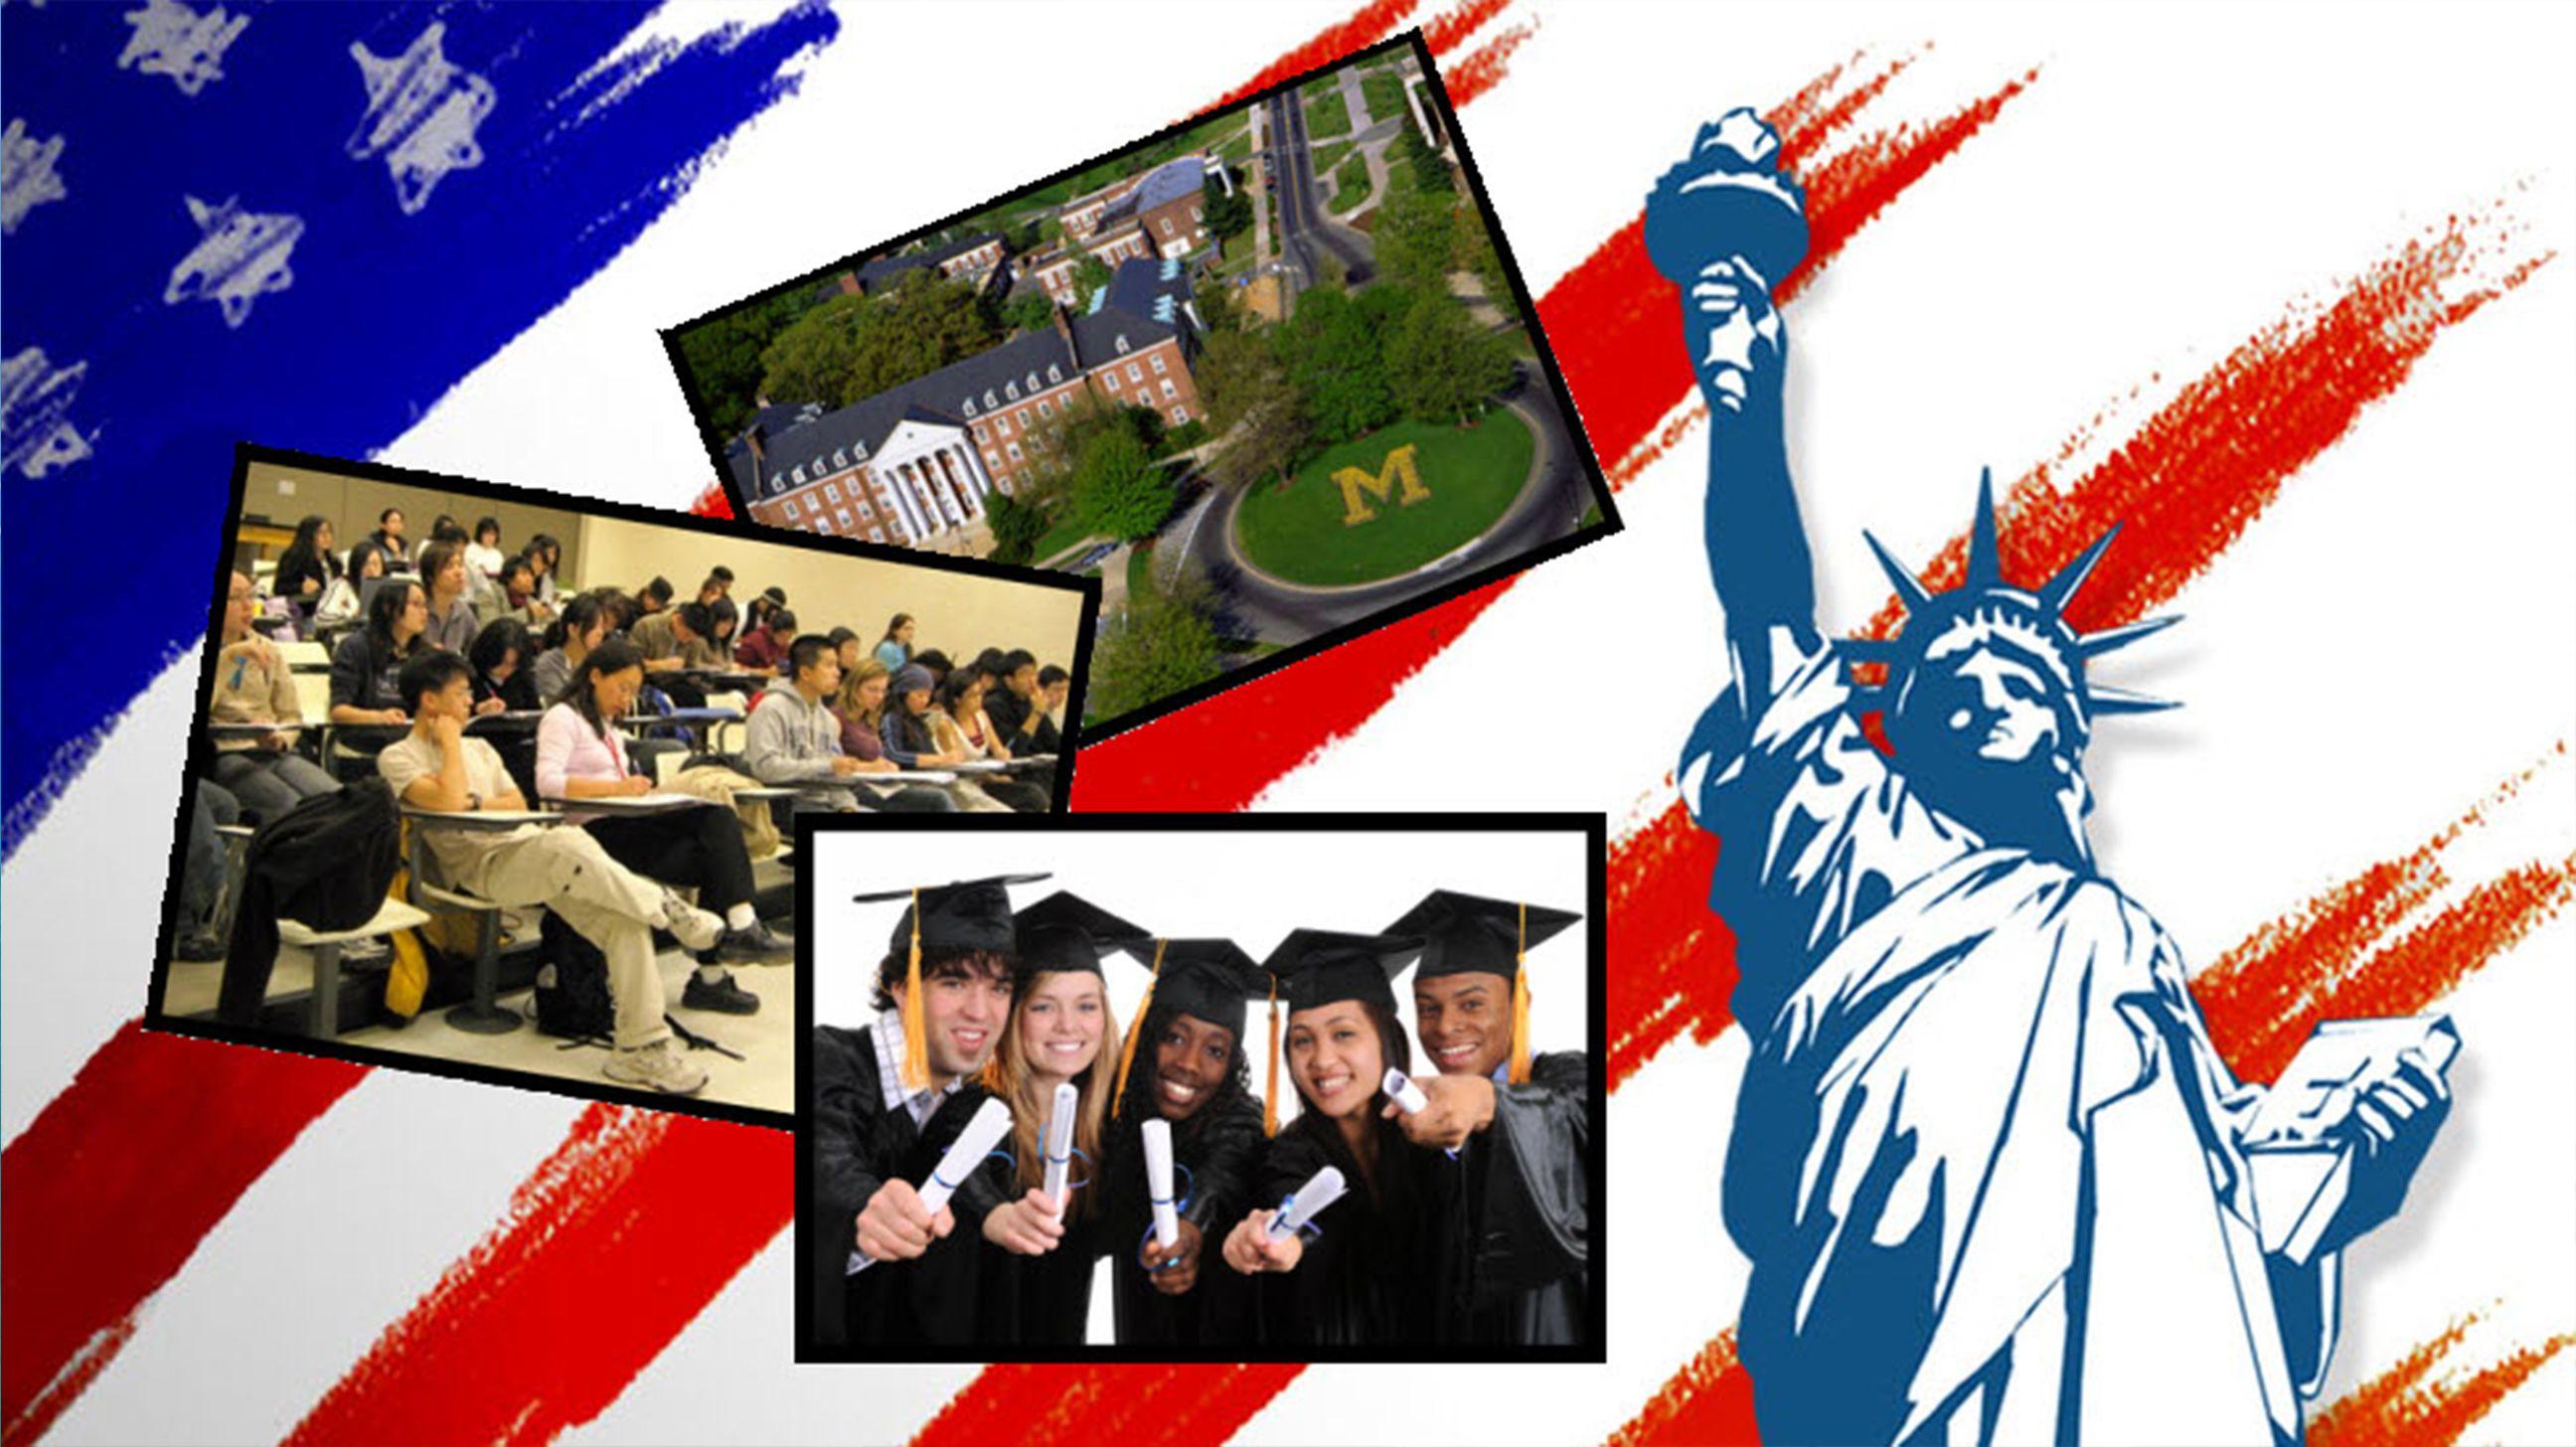 Học bổng THPT là bước đệm vững chắc cho nhiều du học sinh tiến xa hơn trên con đường học tập tại Mỹ.